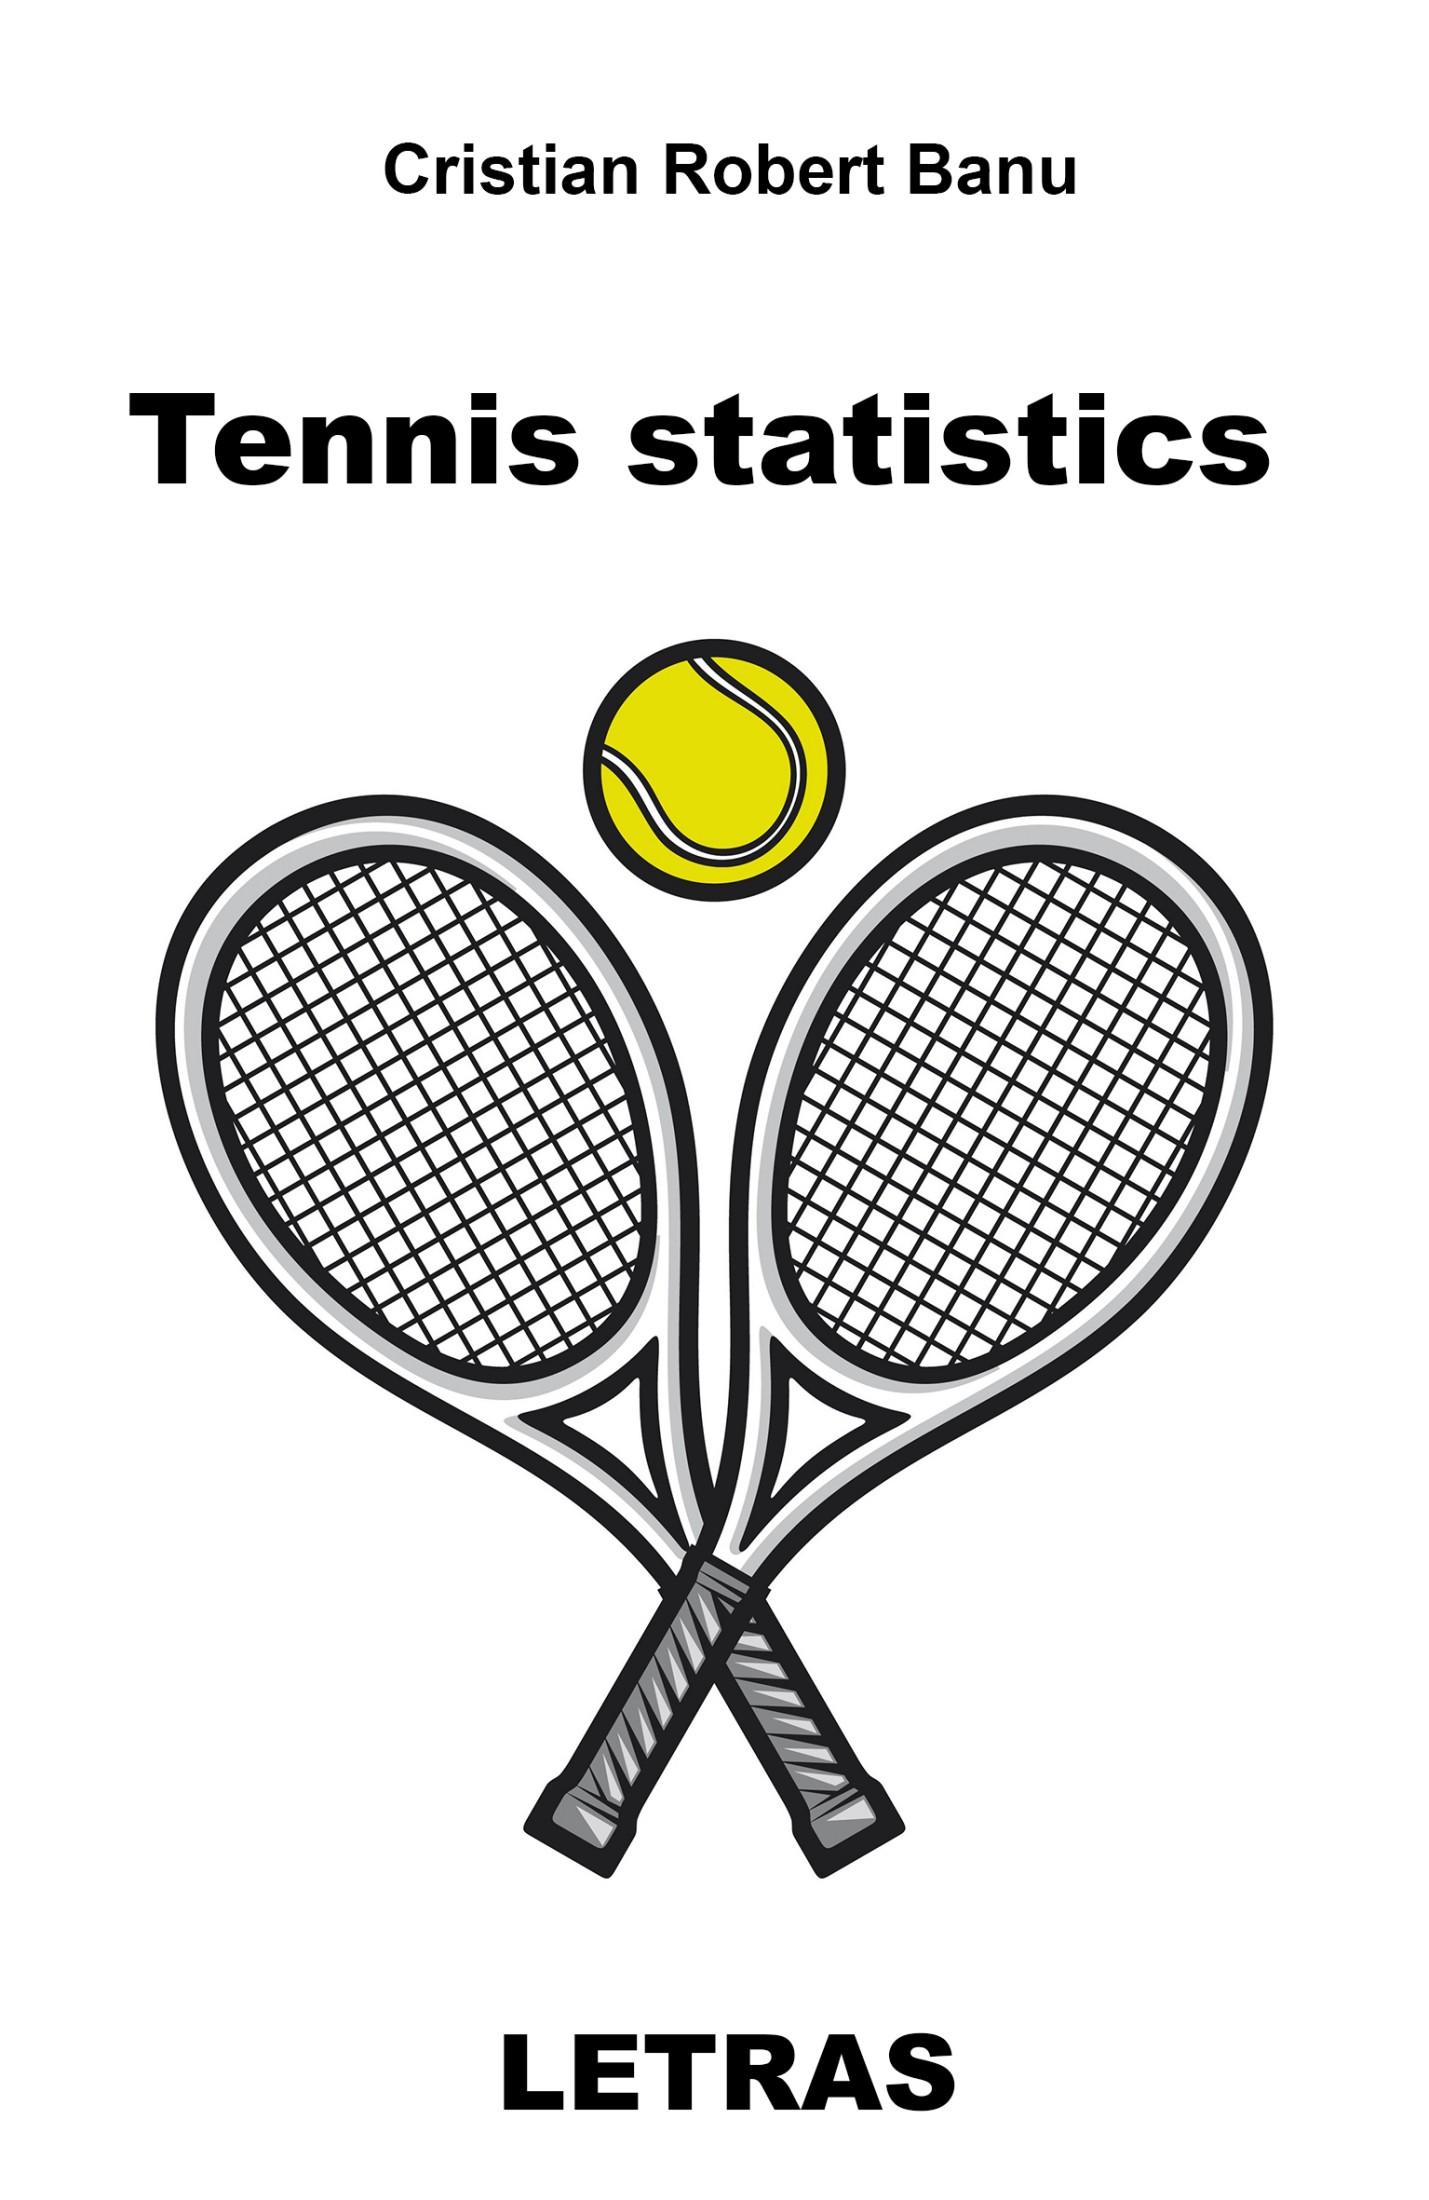 Tennis-statistics - Cristian Robert Banu